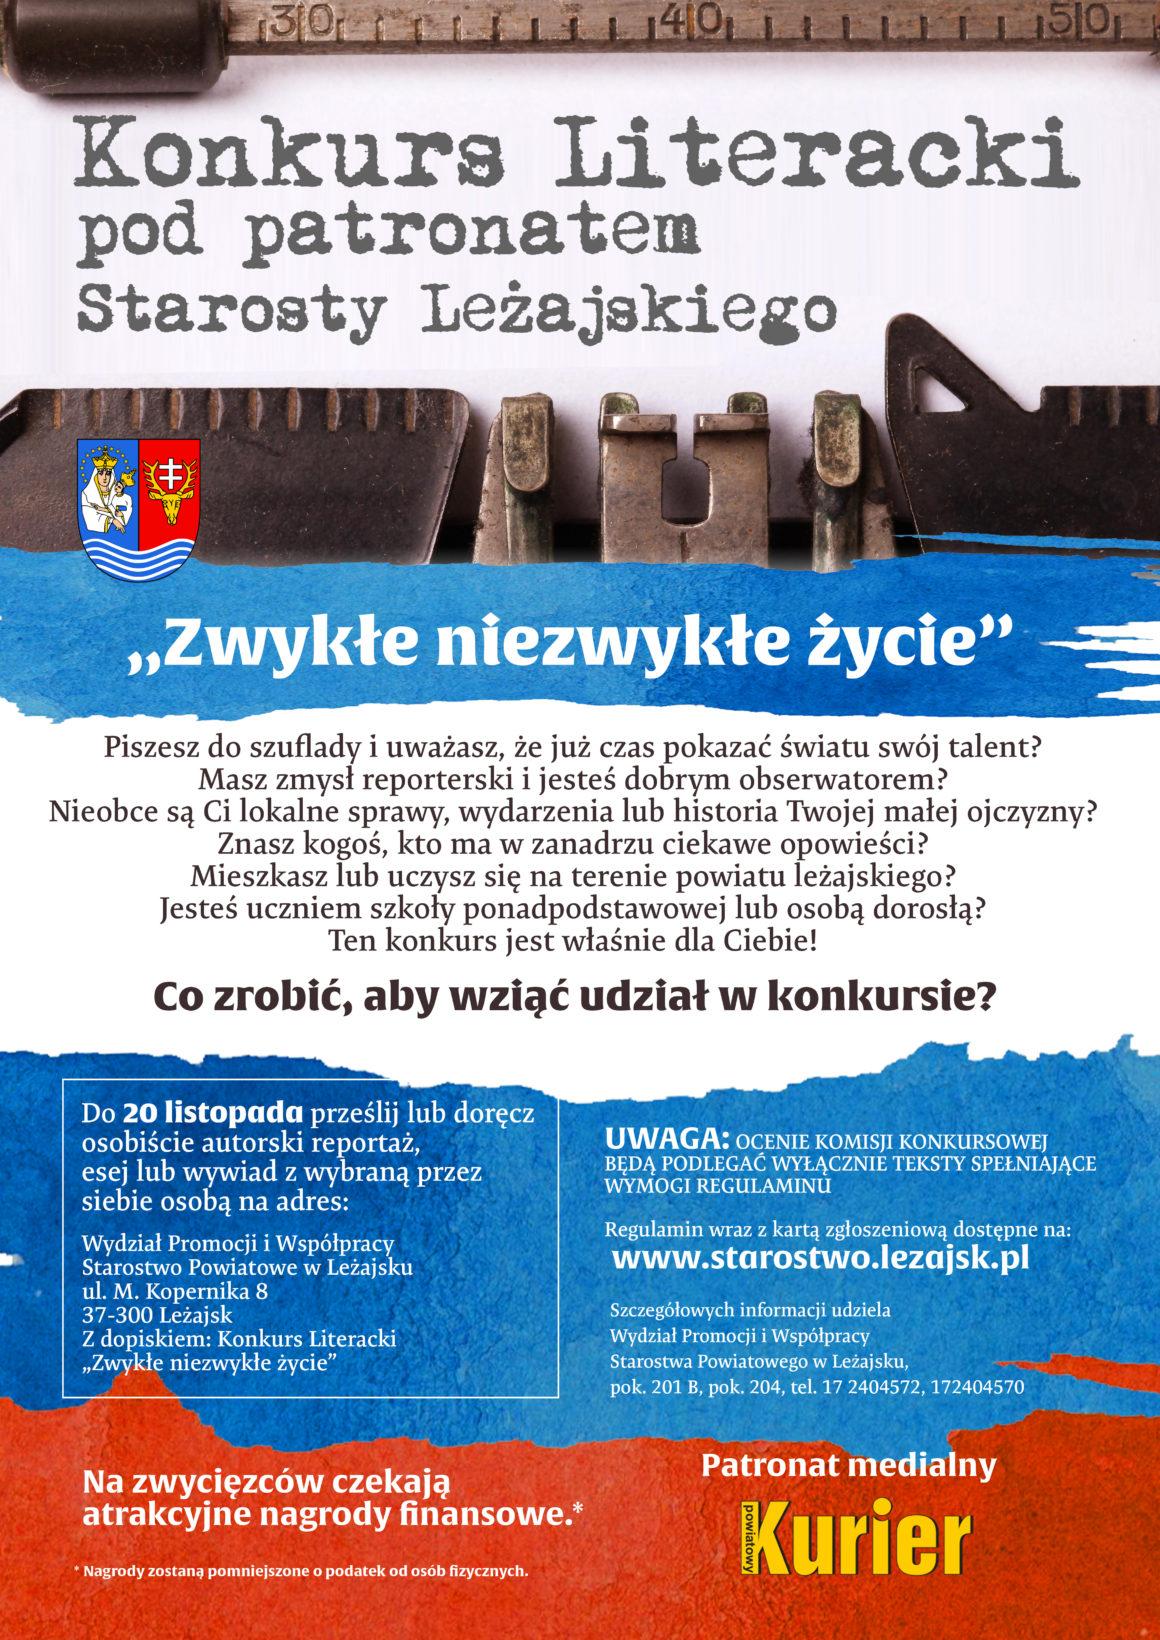 """""""Zwykłe niezwykłe życie"""" – konkurs literacki podpatronatem Starosty Leżajskiego"""